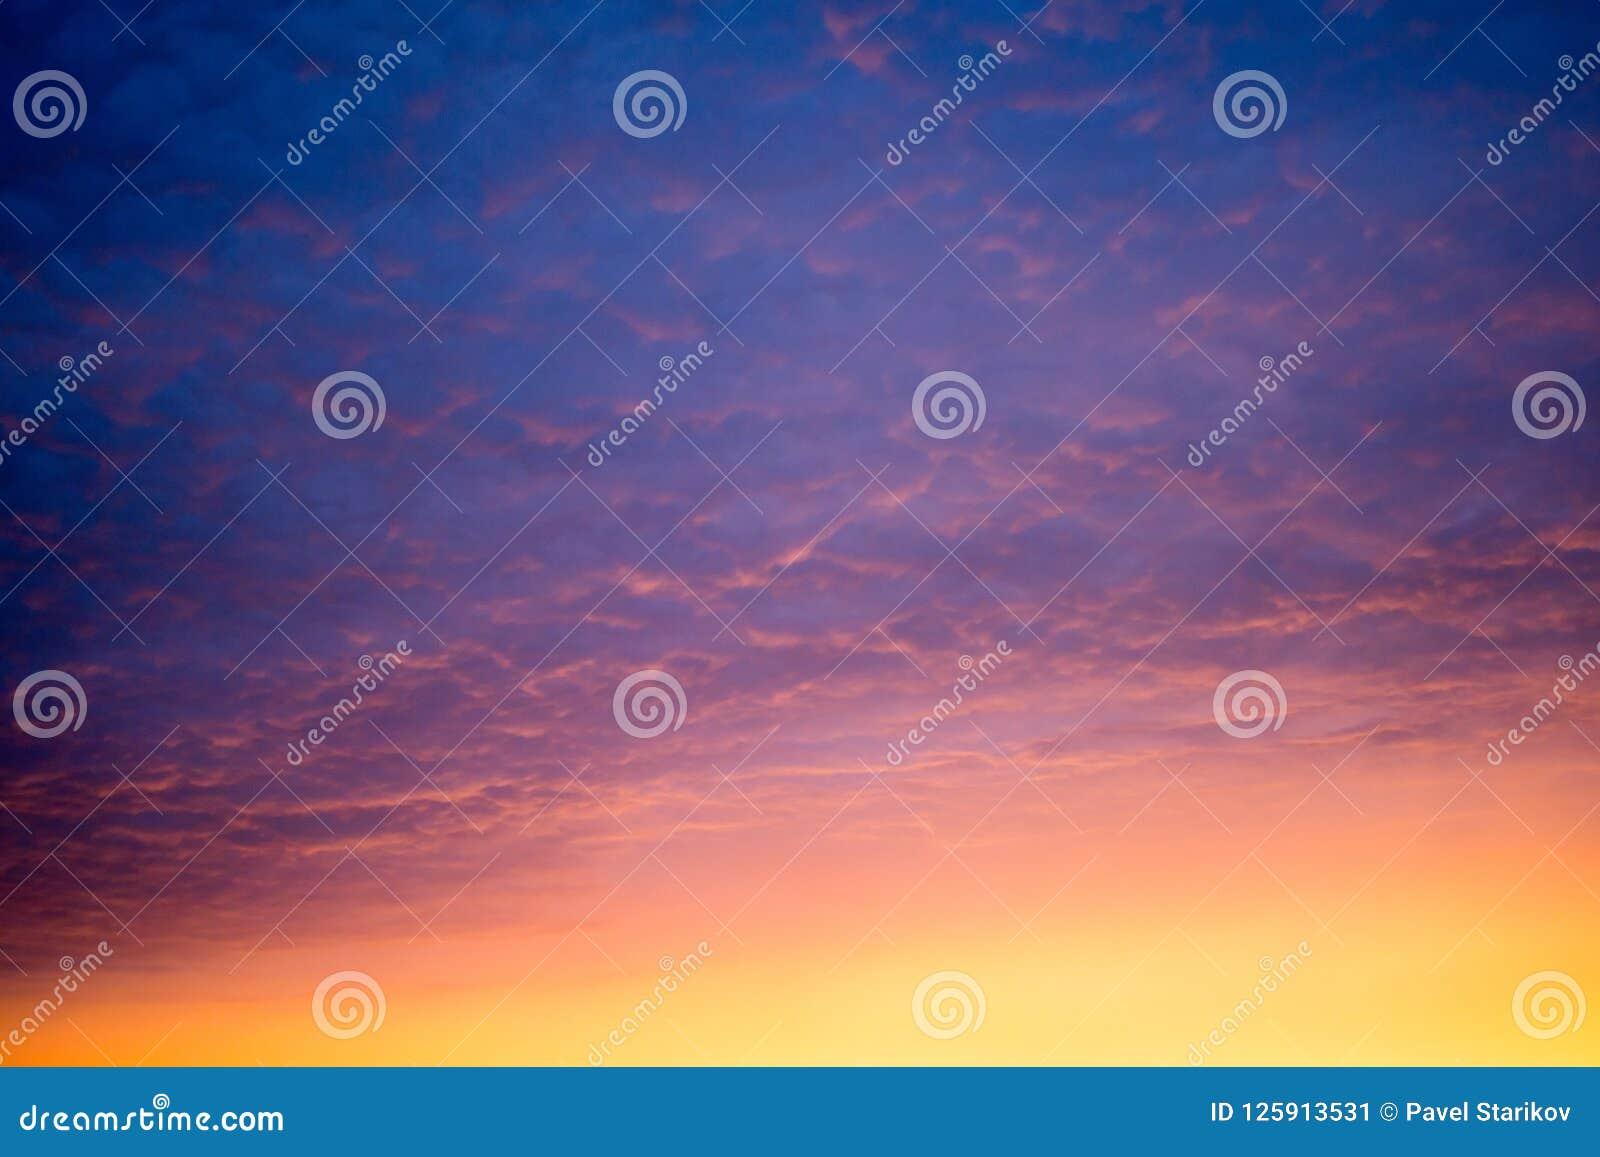 Kleurrijk van zonsonderganghemel